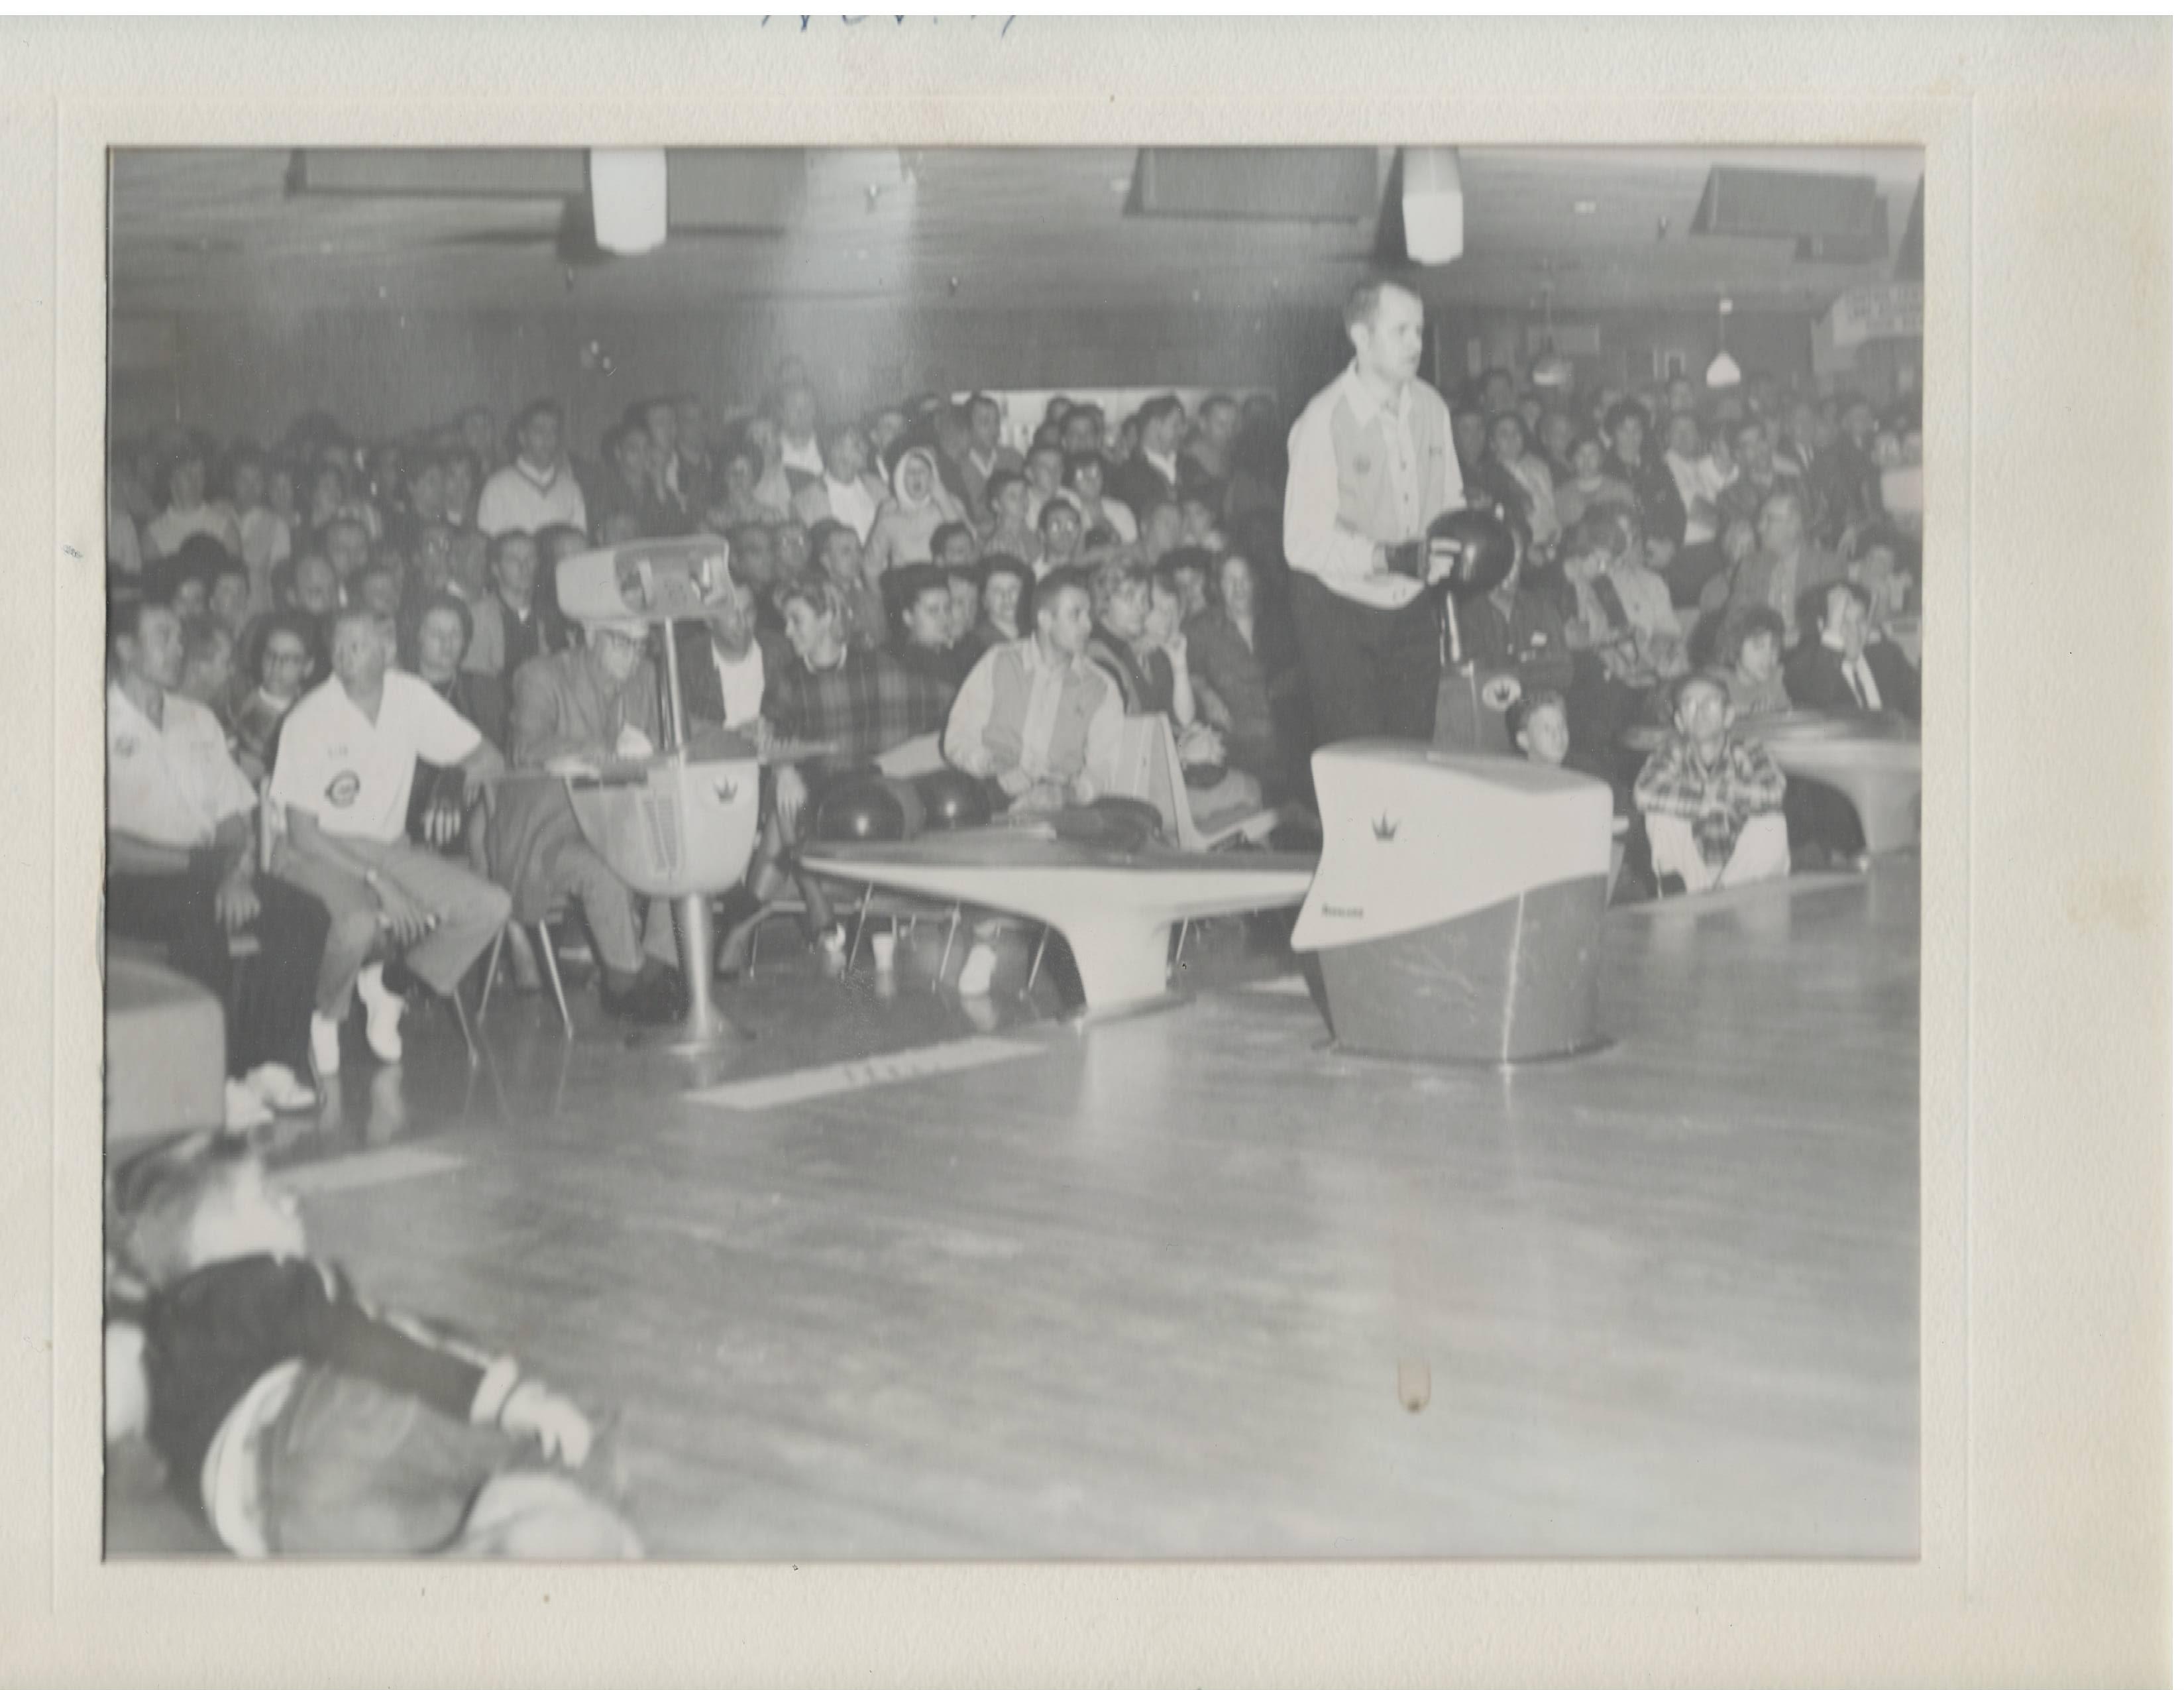 Westgate Nov 1 1964 3